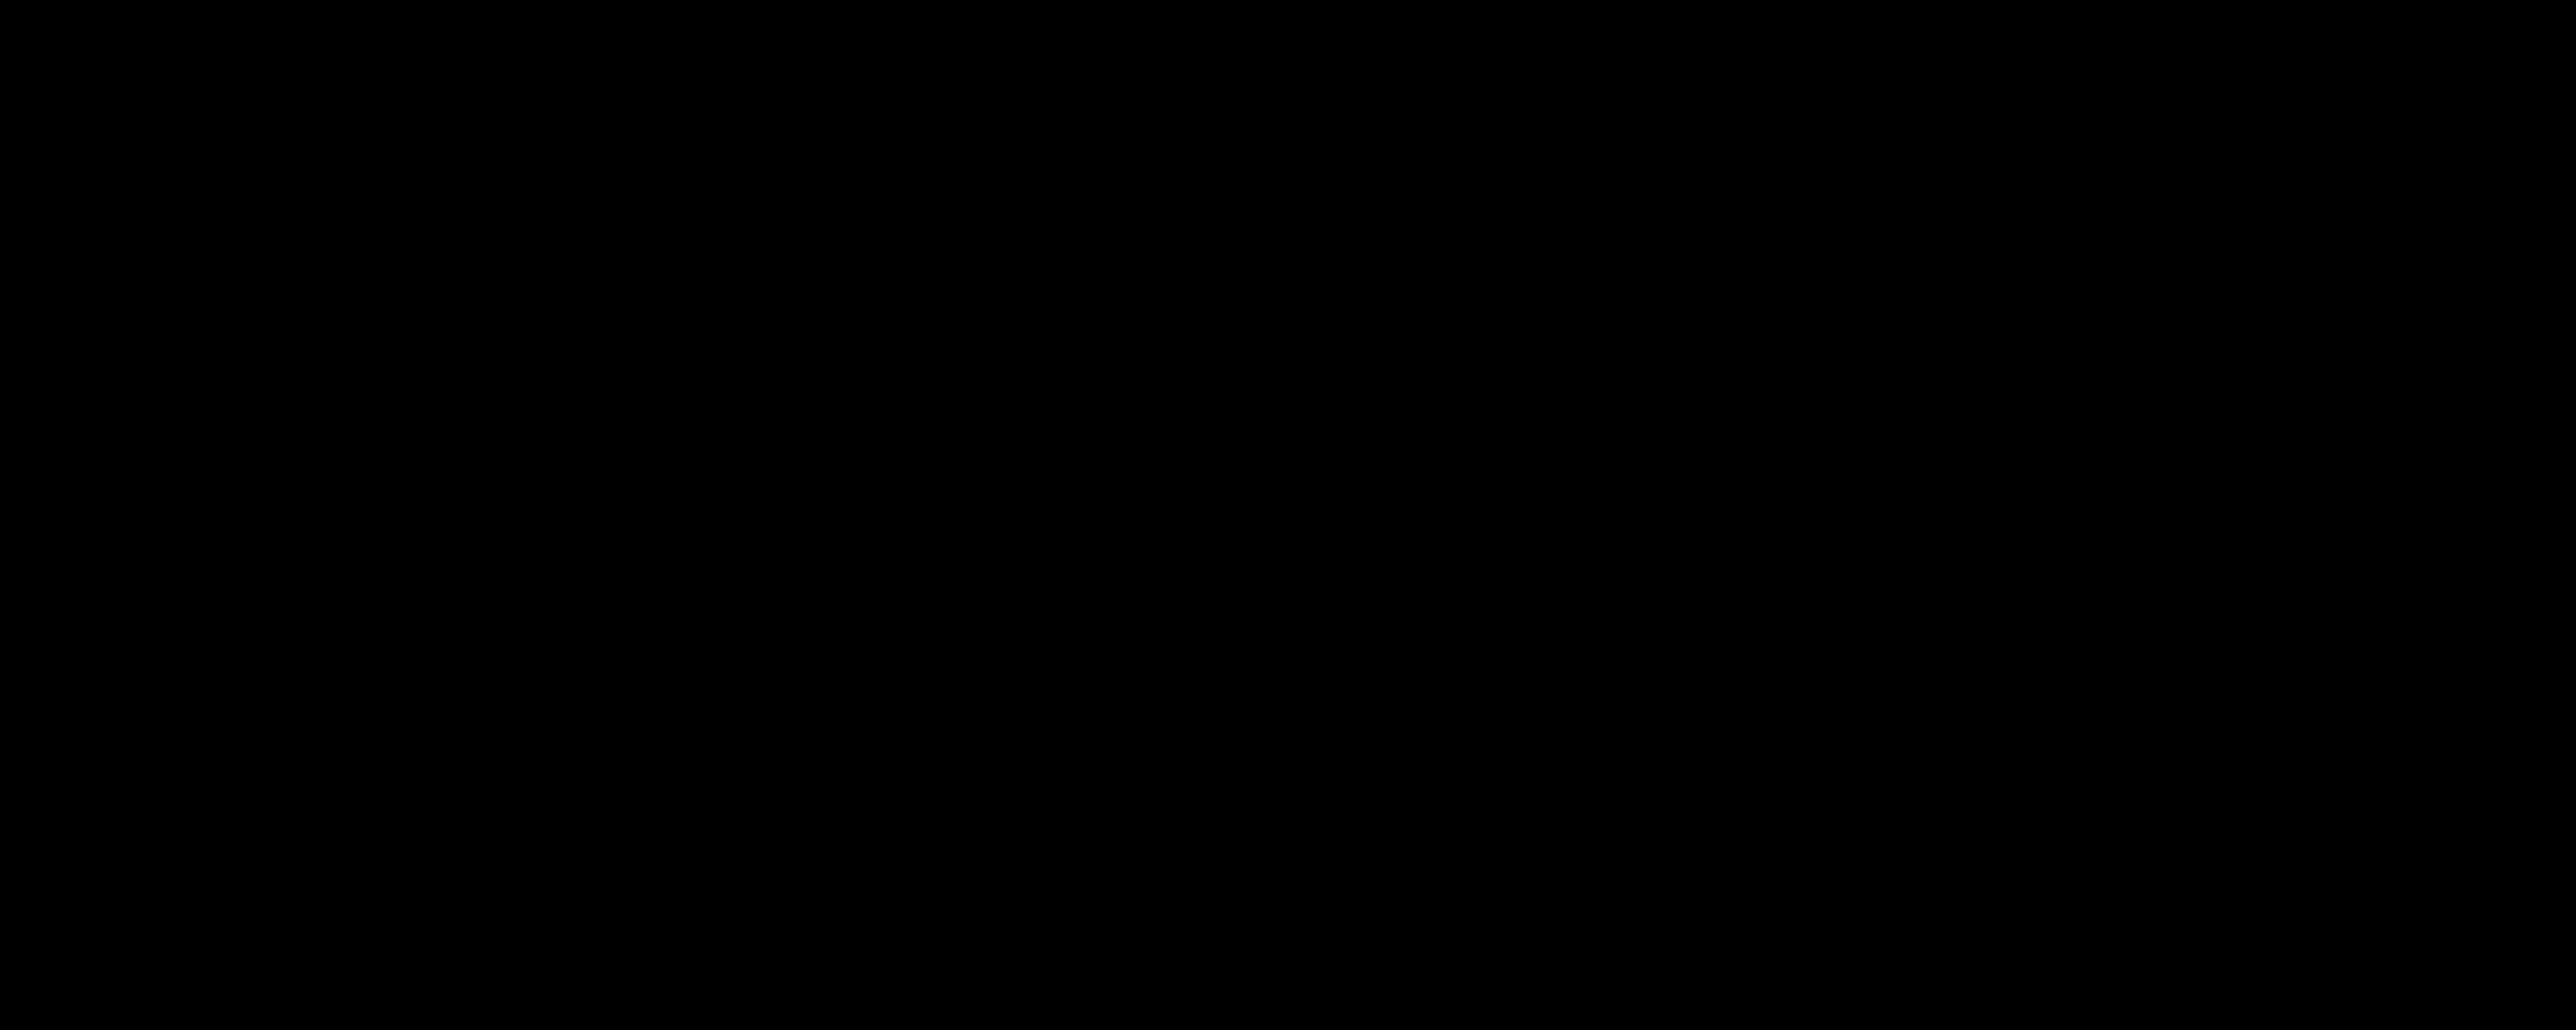 Ramadhan mubarak 10ft x 4ft.jpg